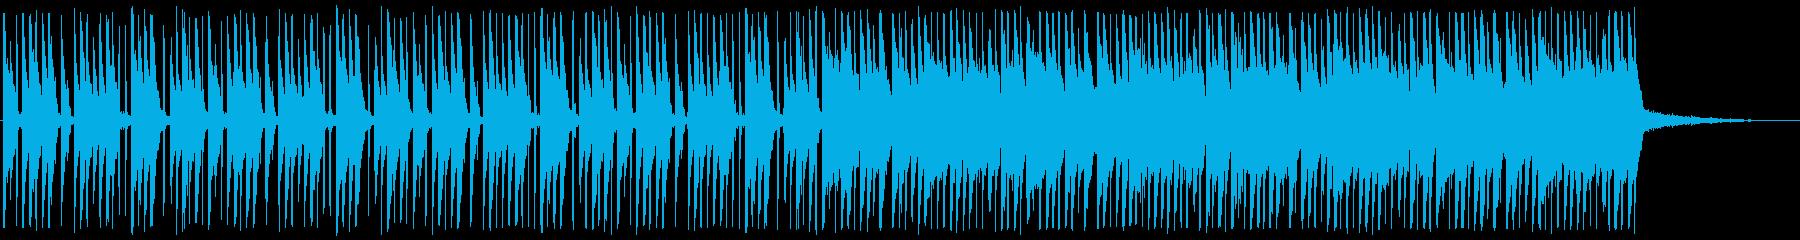 怪しい/潜入_No487_3の再生済みの波形